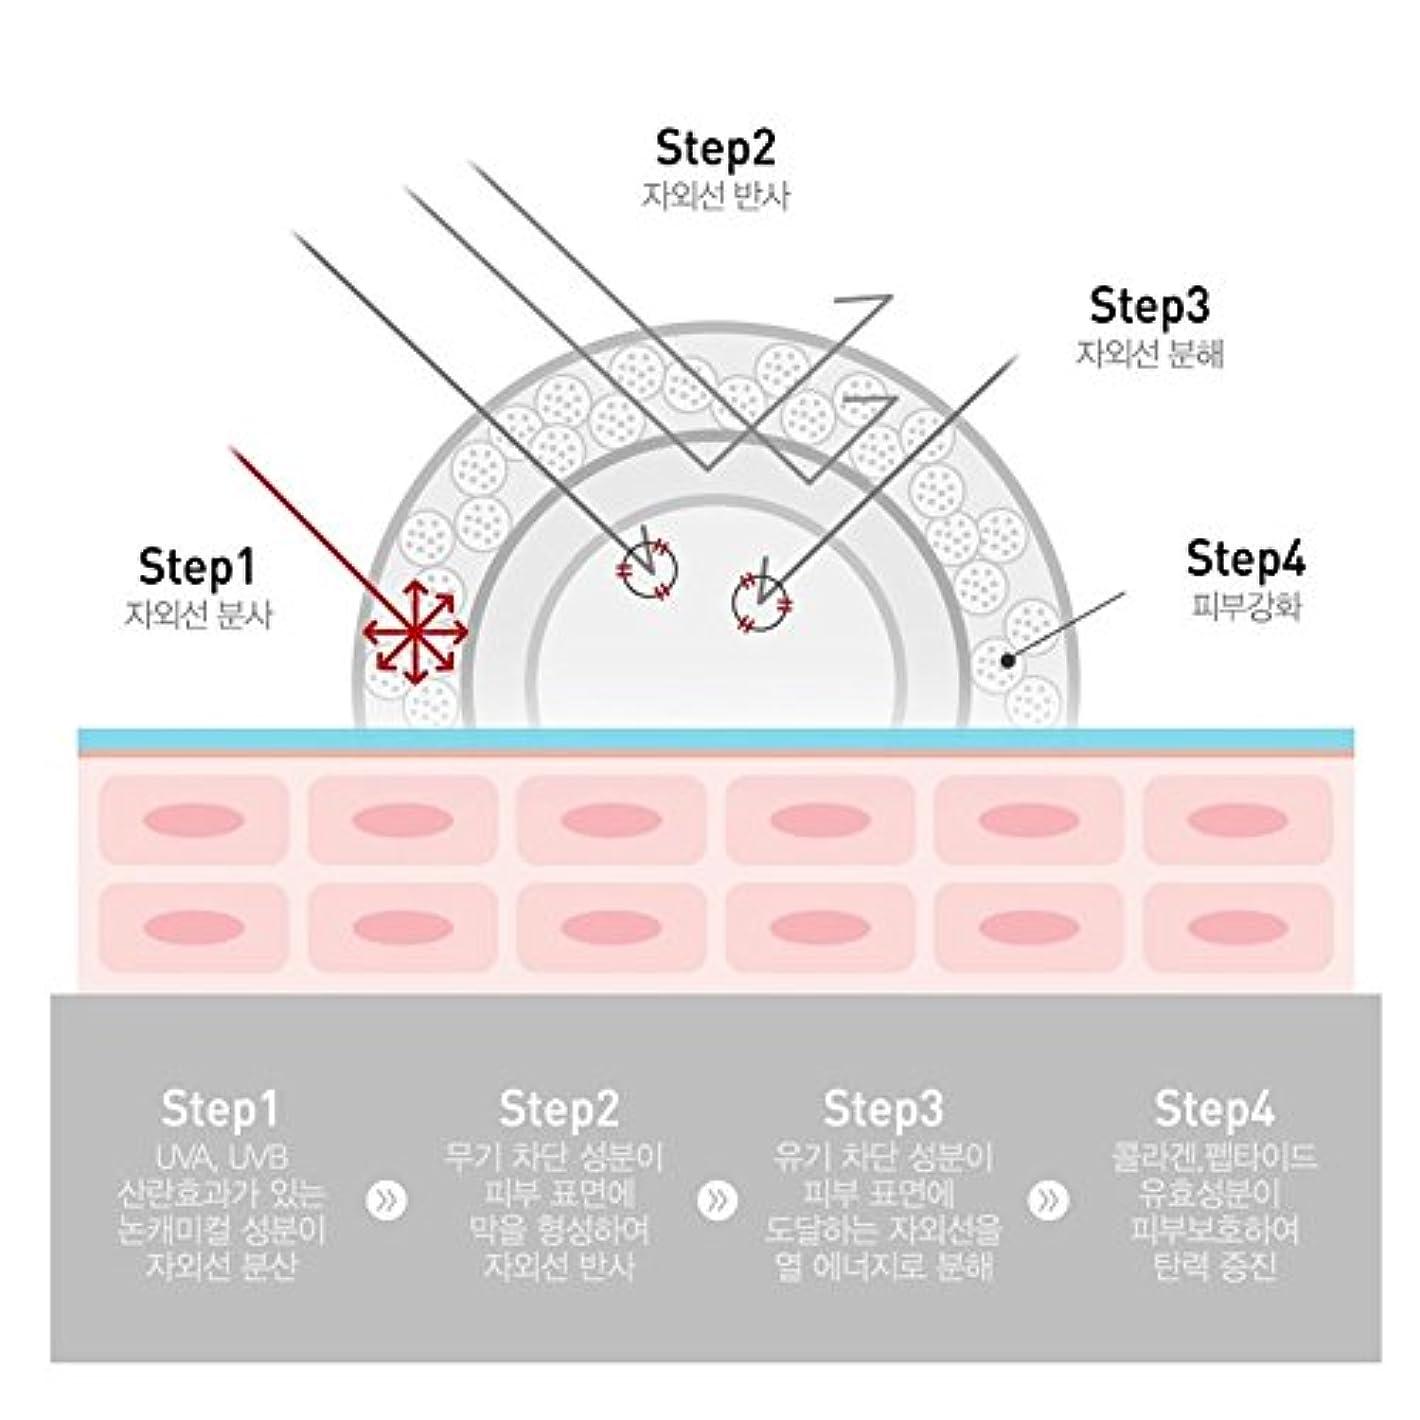 セットするオッズユーザーセルピュチョンCレーザーサンスクリーン100(SPF50+/PA+++)50ml、Cell Fusion C Laser Sunscreen 100 (SPF50+ / PA+++) 50ml [並行輸入品]